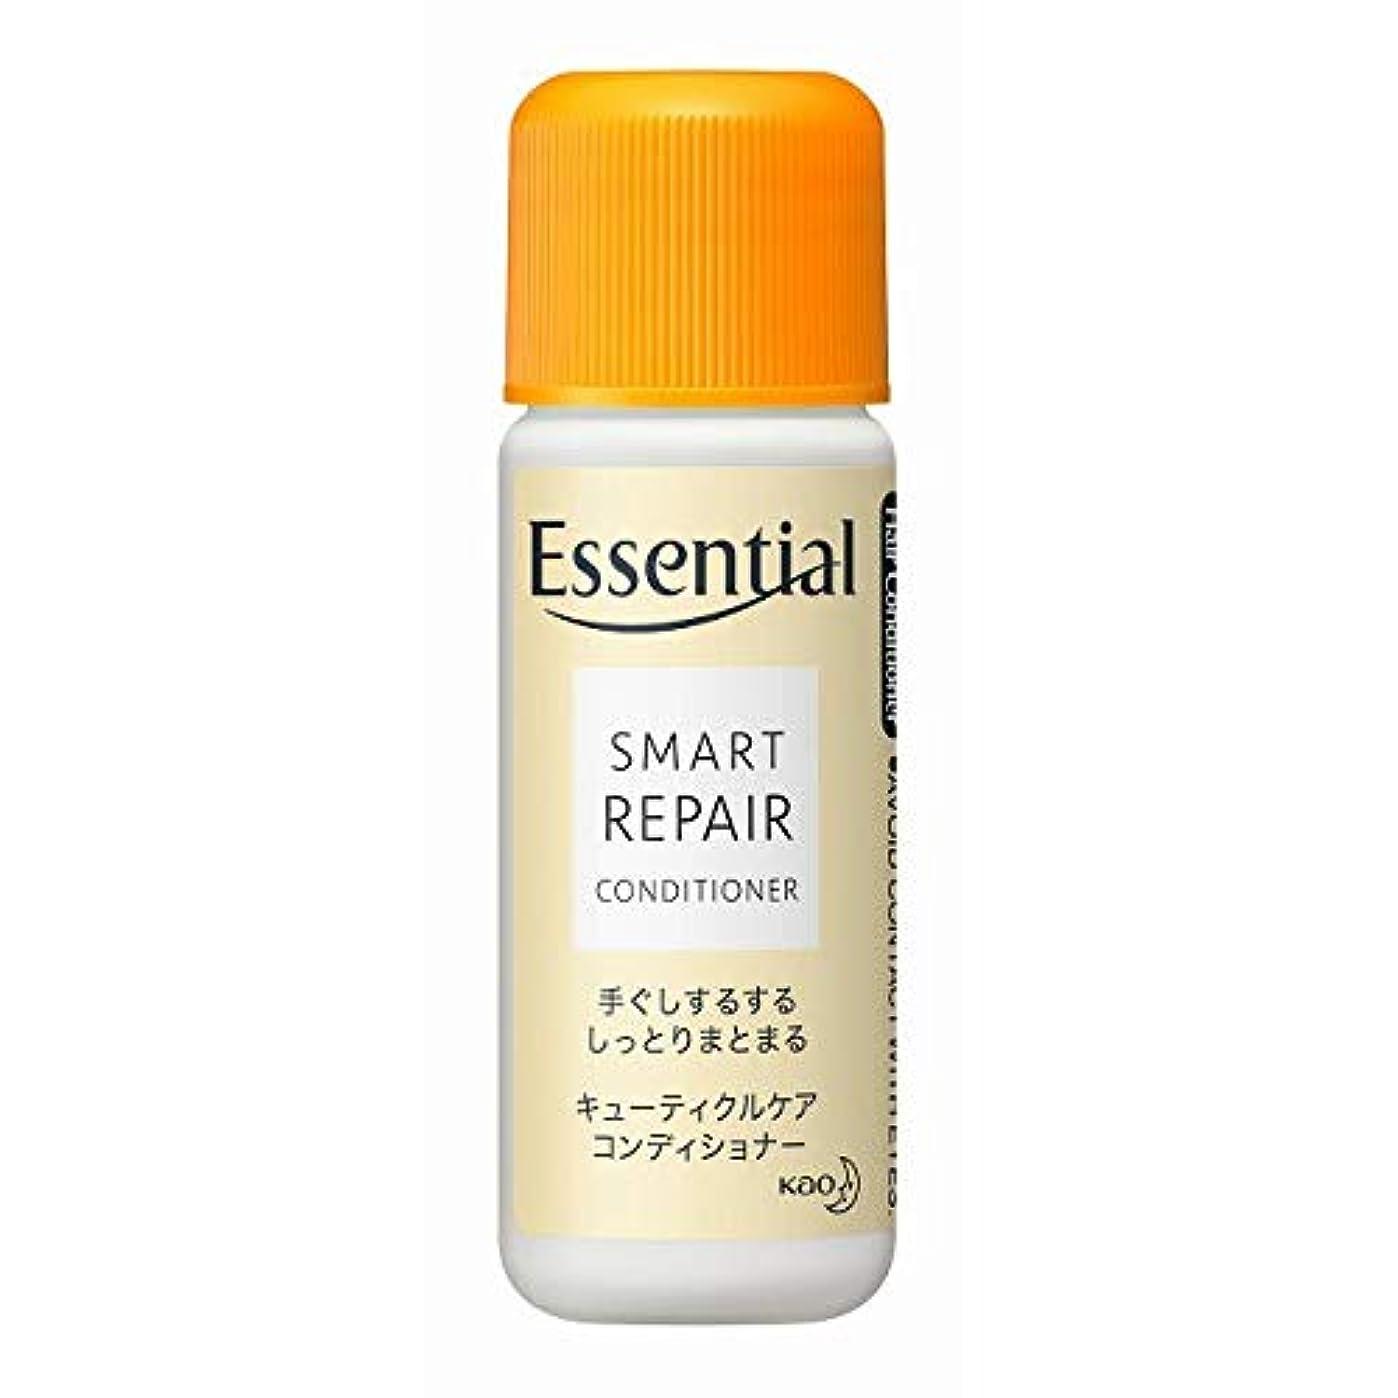 吸う爆風削除する花王 エッセンシャル(Essential) しっとりツヤ髪 シャンプー 業務用 ミニボトル 16mL×360個